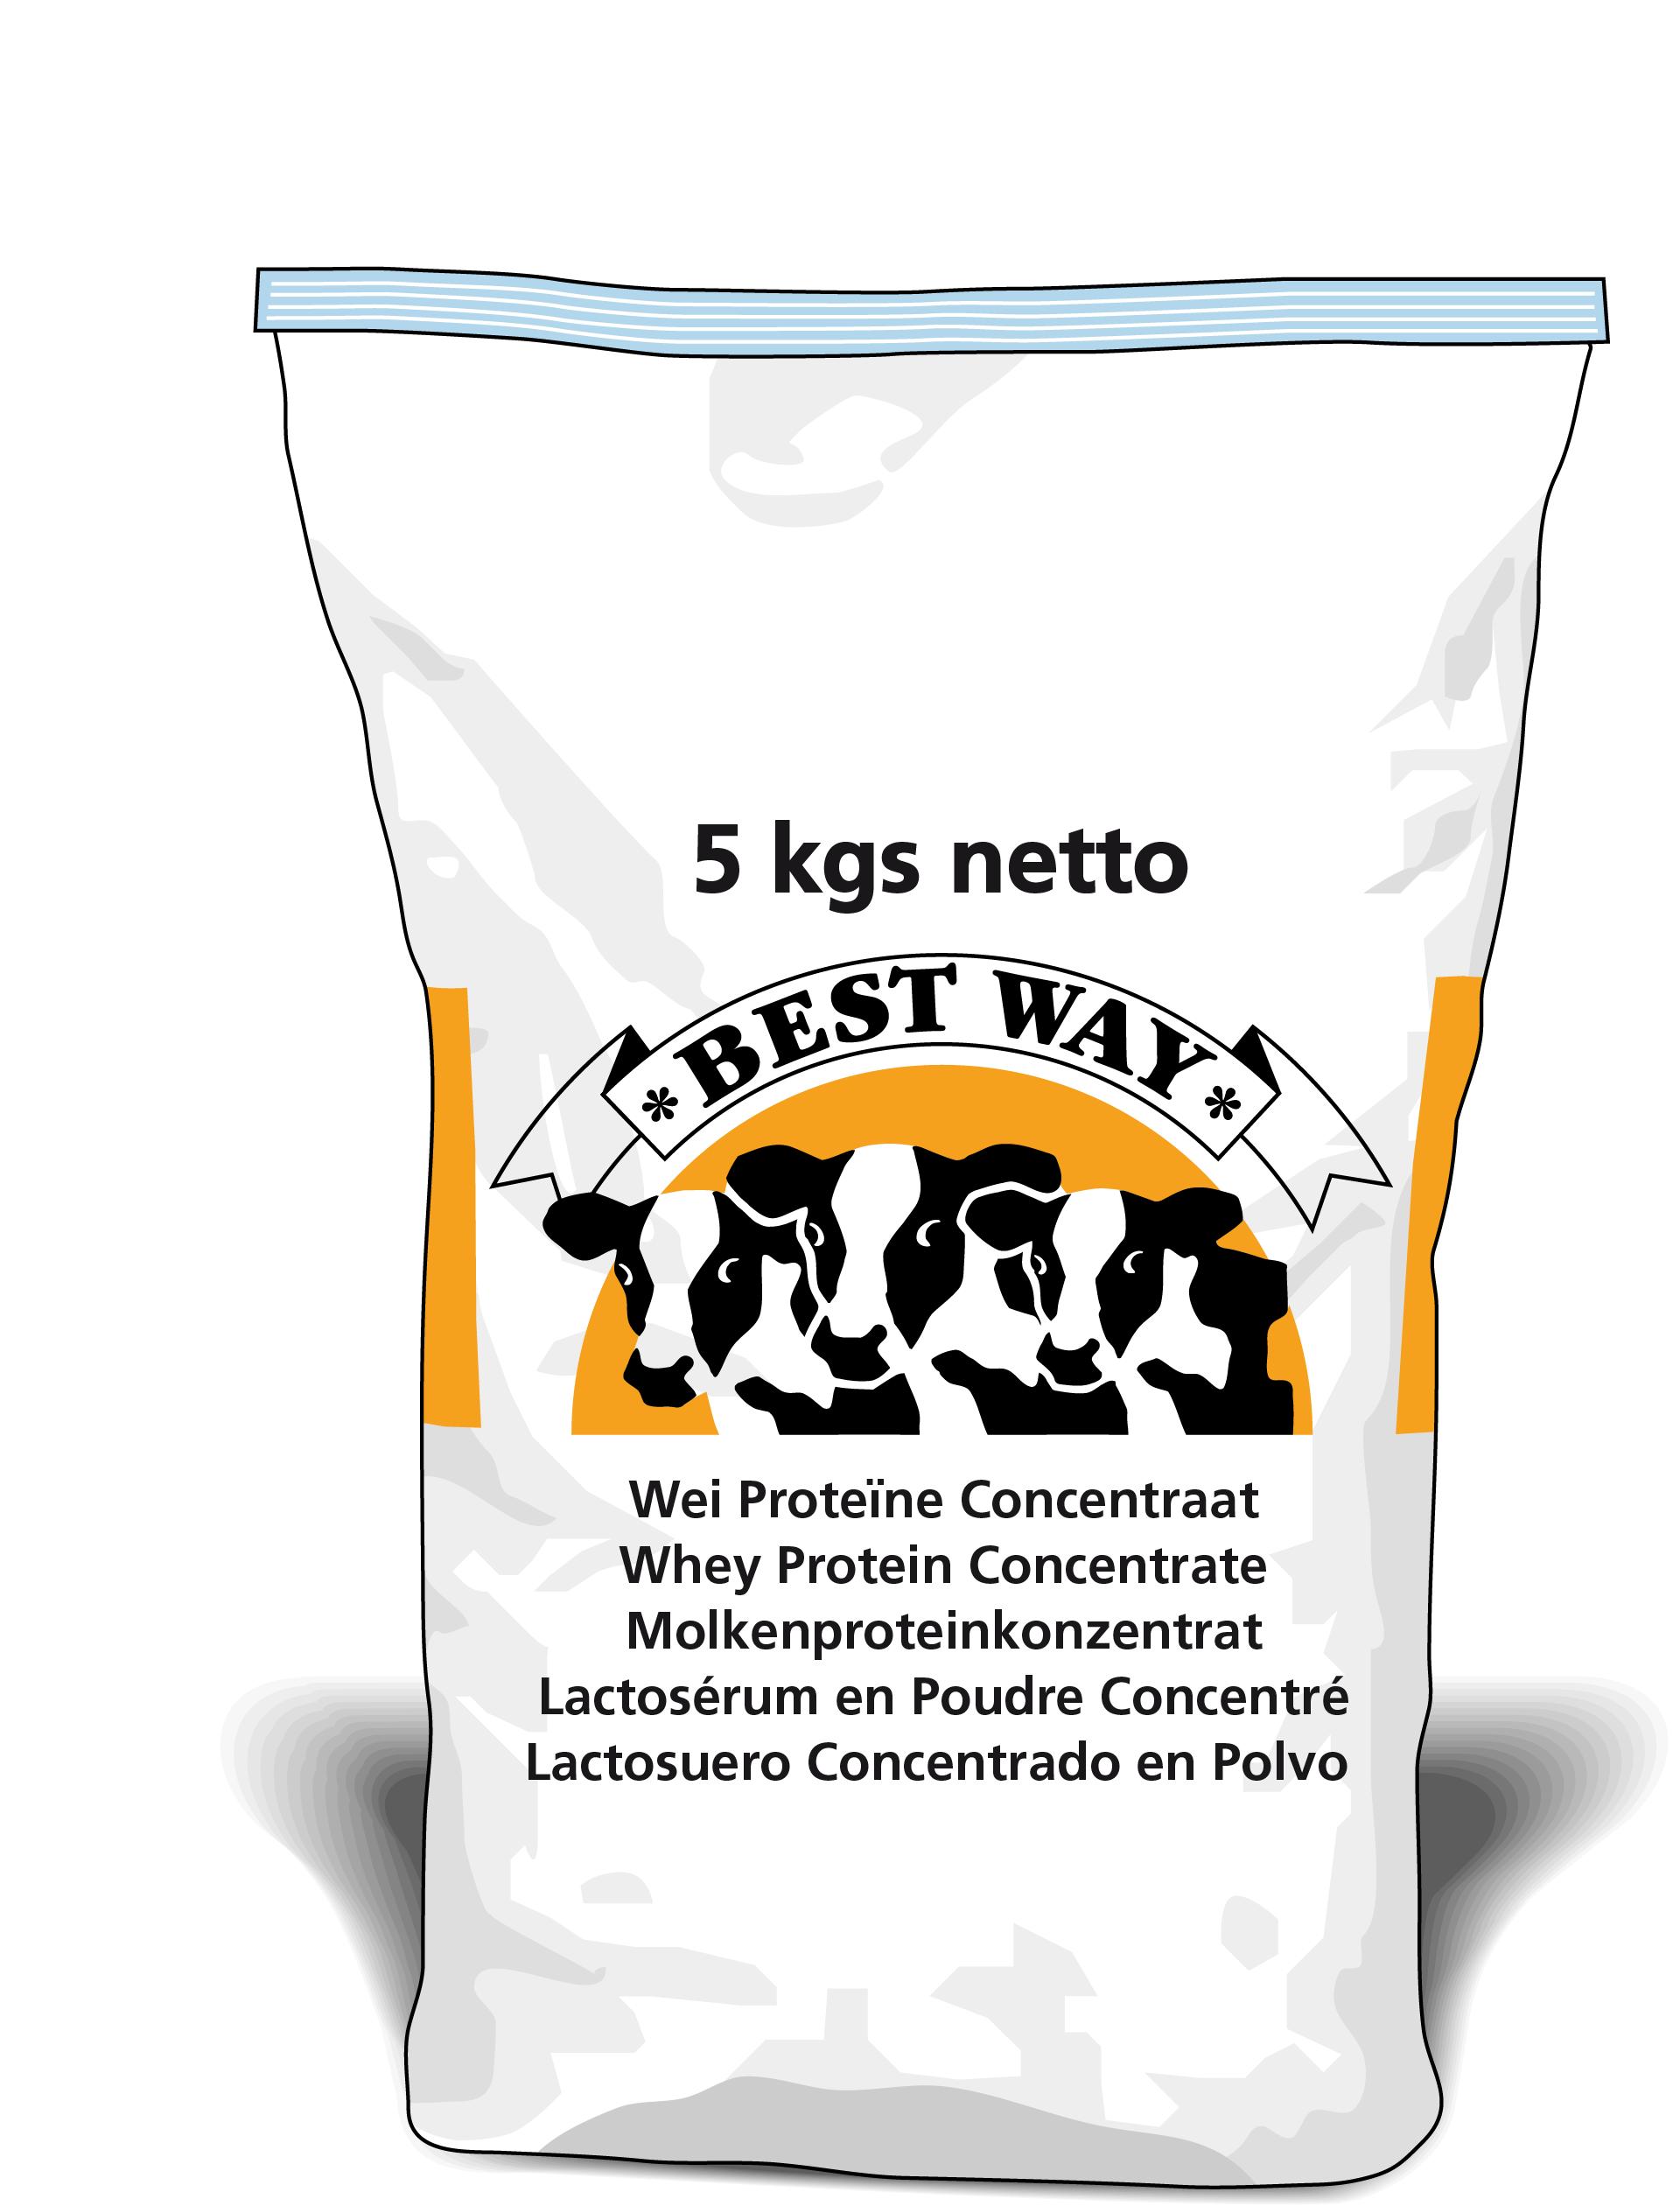 Afbeelding van Weiproteïne Concentraat 5kg